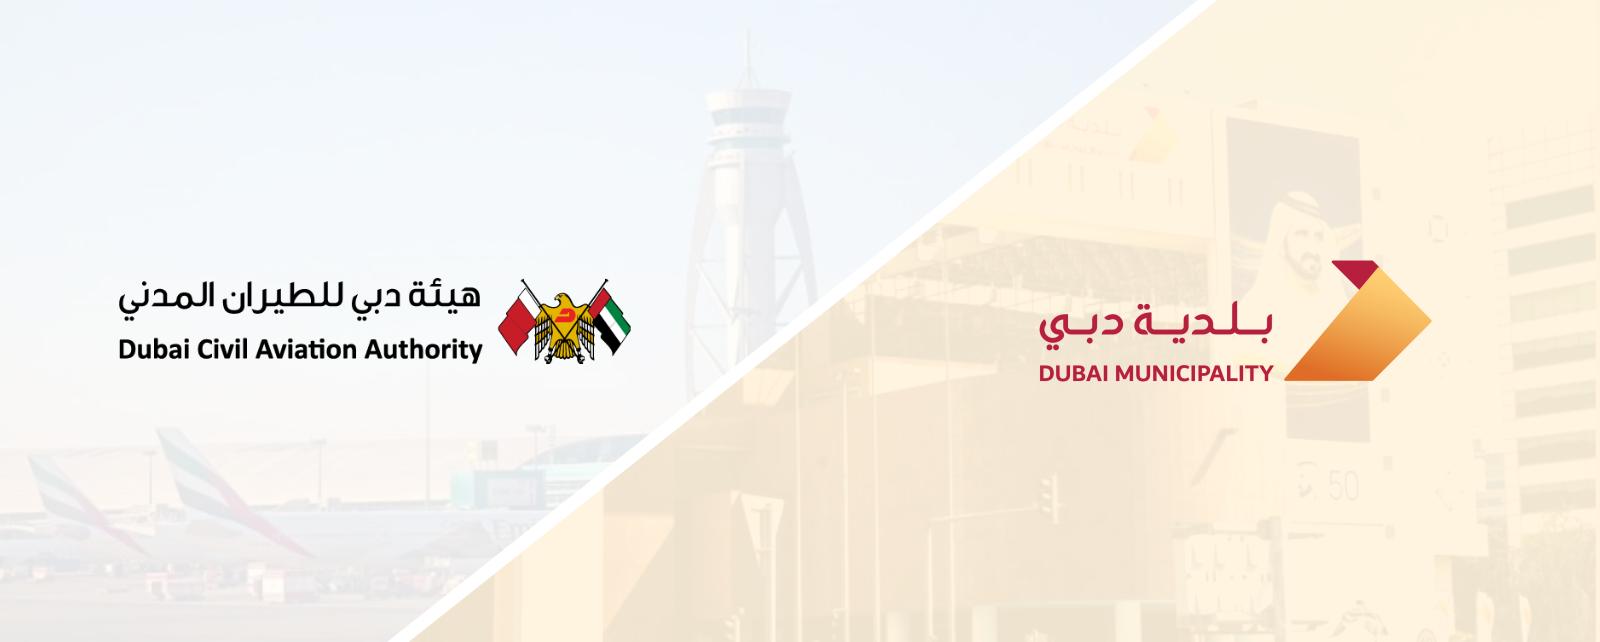 ترسيخ التعاون المشترك مع هيئة دبي للطيران المدني يوليو 2021